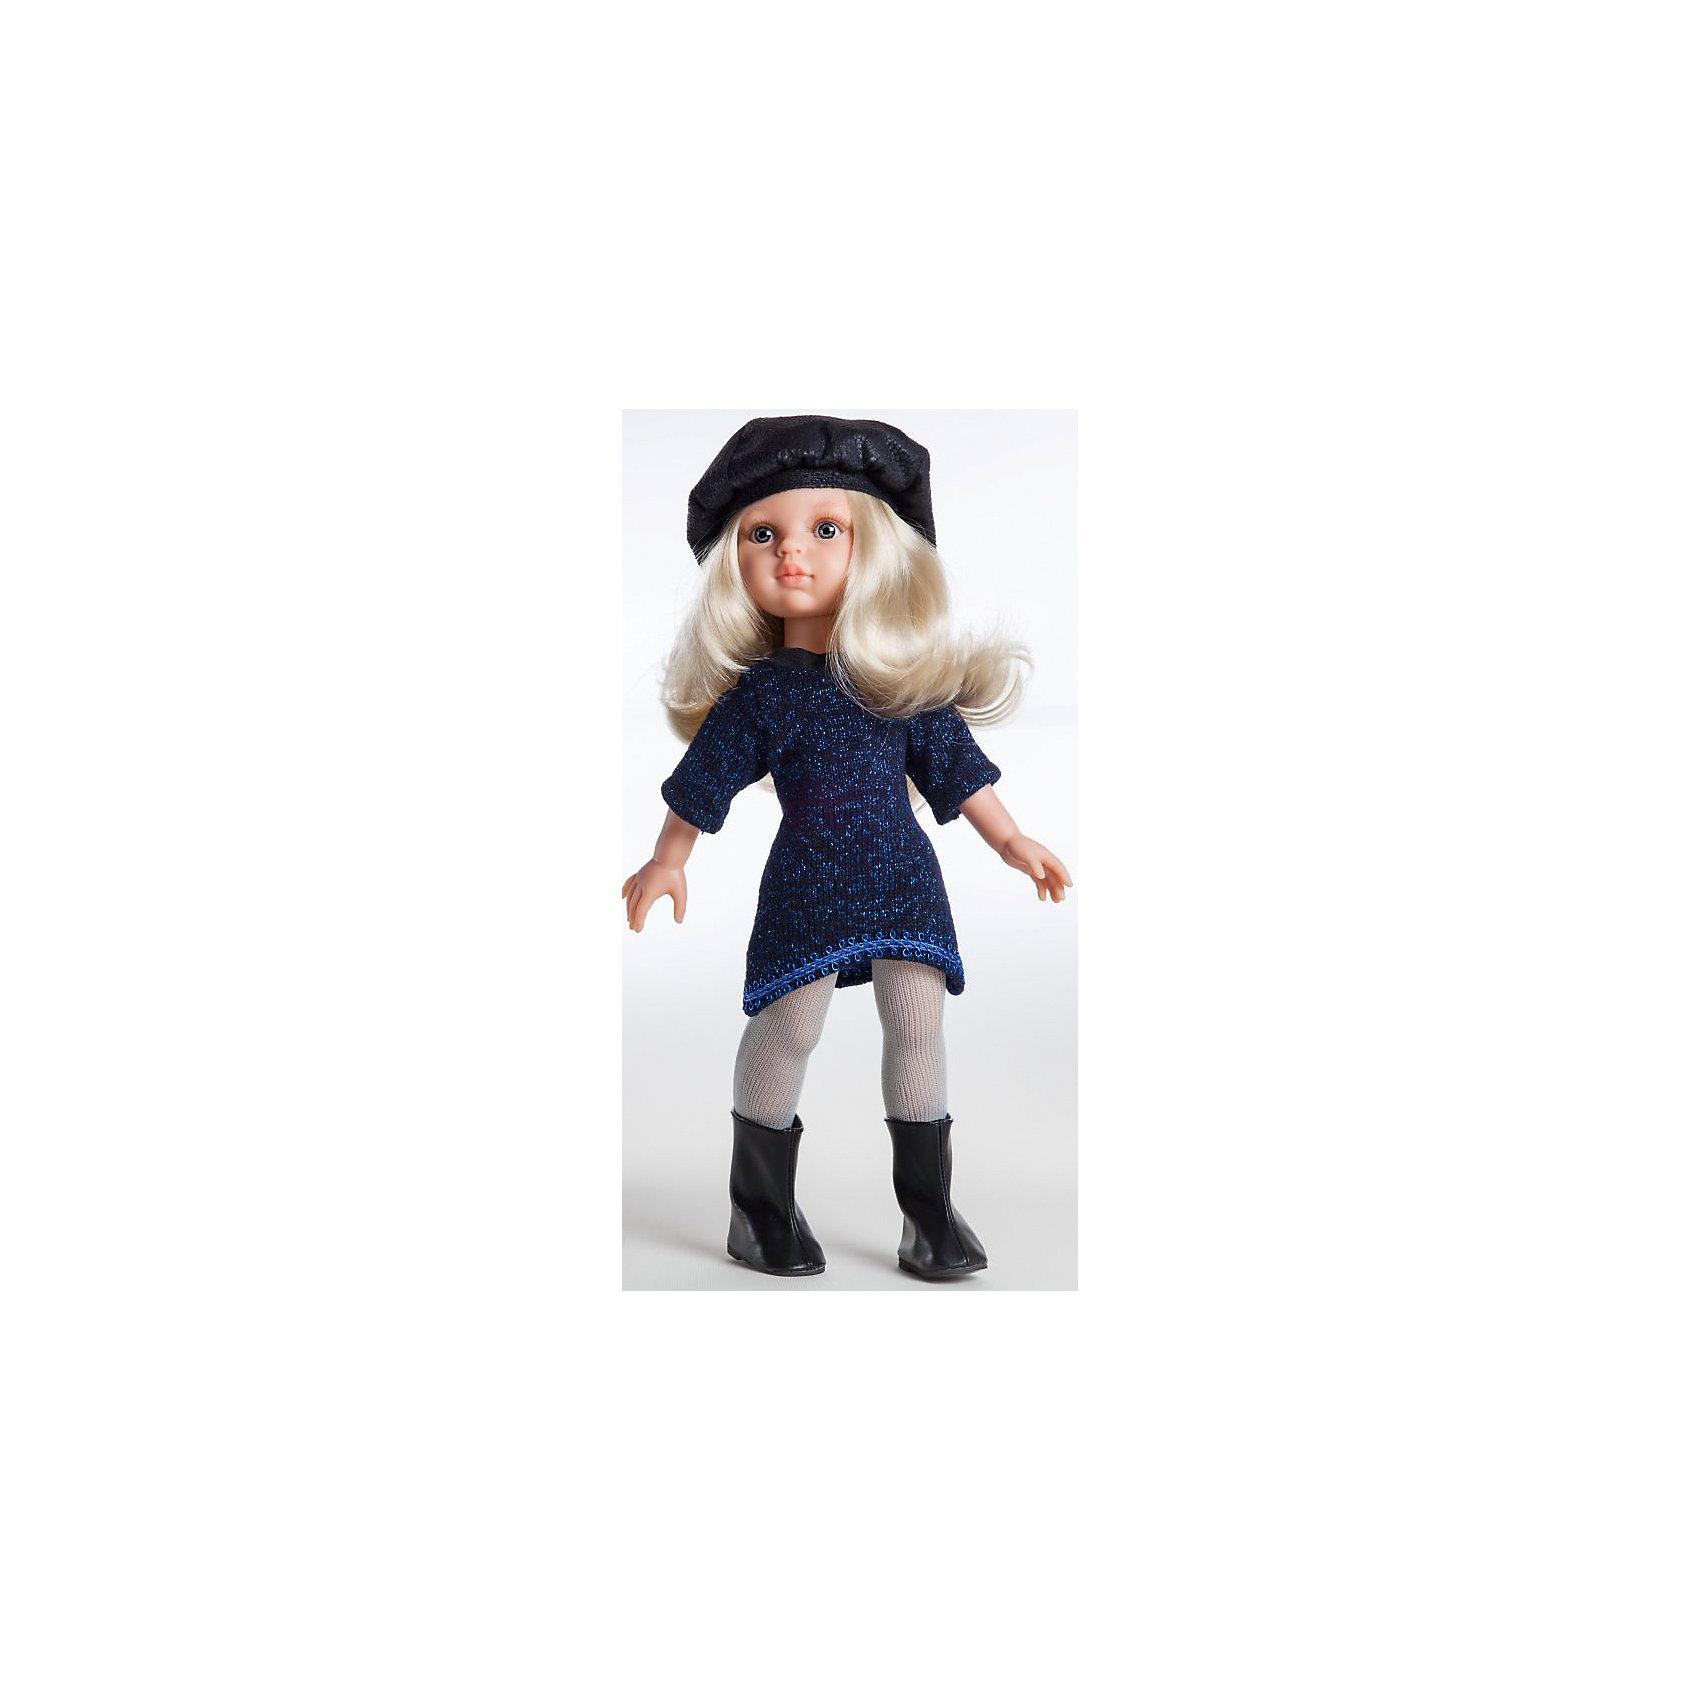 Кукла Клаудия, 32 см, Paola ReinaКлассические куклы<br>Кукла изготовлена из винила; глаза выполнены в виде кристалла из прозрачного твердого пластика; волосы сделаны из высококачественного нейлона.<br><br>Ширина мм: 110<br>Глубина мм: 230<br>Высота мм: 410<br>Вес г: 667<br>Возраст от месяцев: 36<br>Возраст до месяцев: 144<br>Пол: Женский<br>Возраст: Детский<br>SKU: 4966351